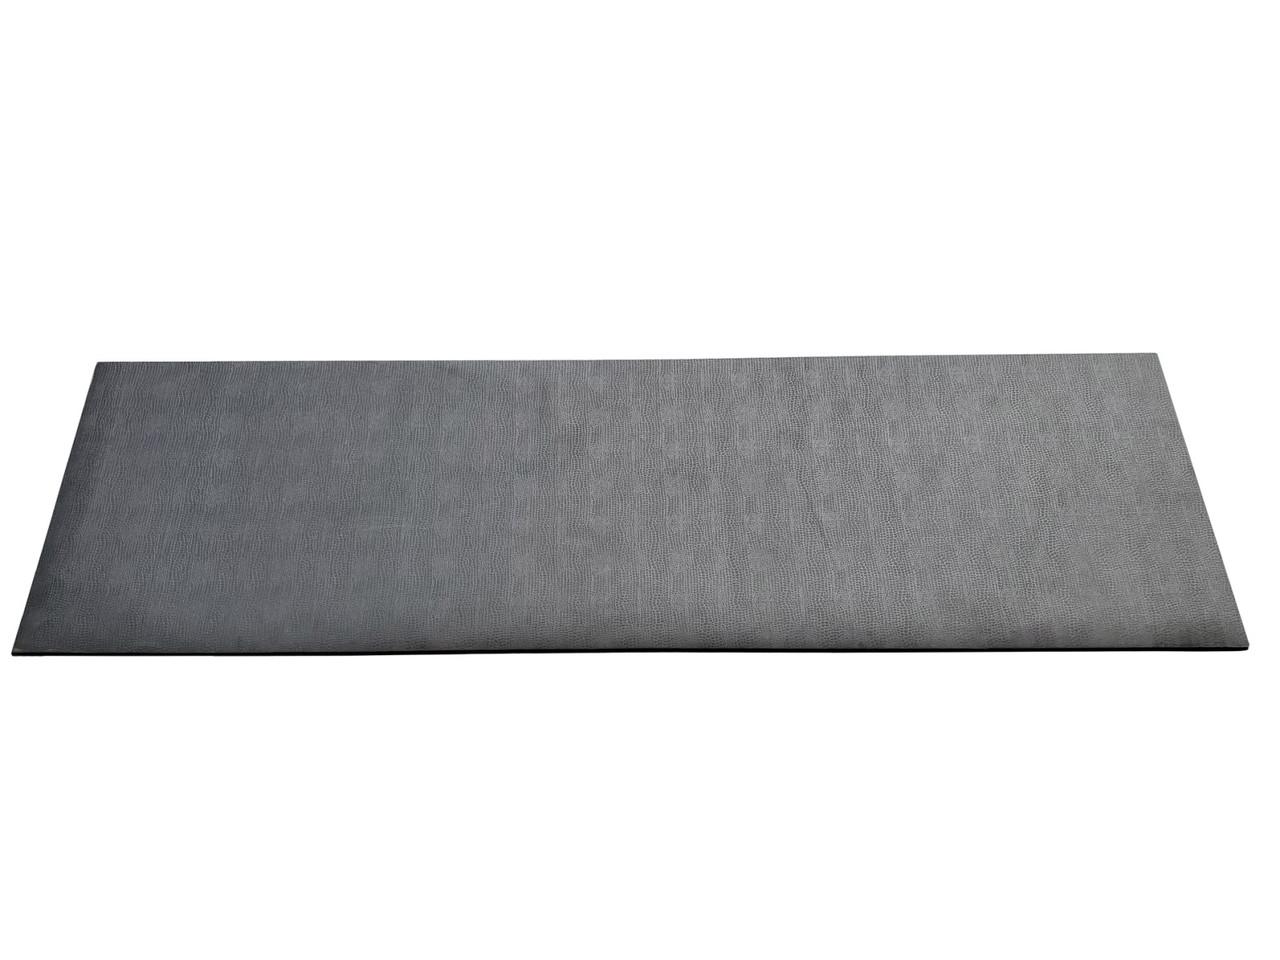 Килимок (каремат) 175*60*0.6 см для туризму і спорту Eva-Line двосторонній мілітарі (камуфляж)